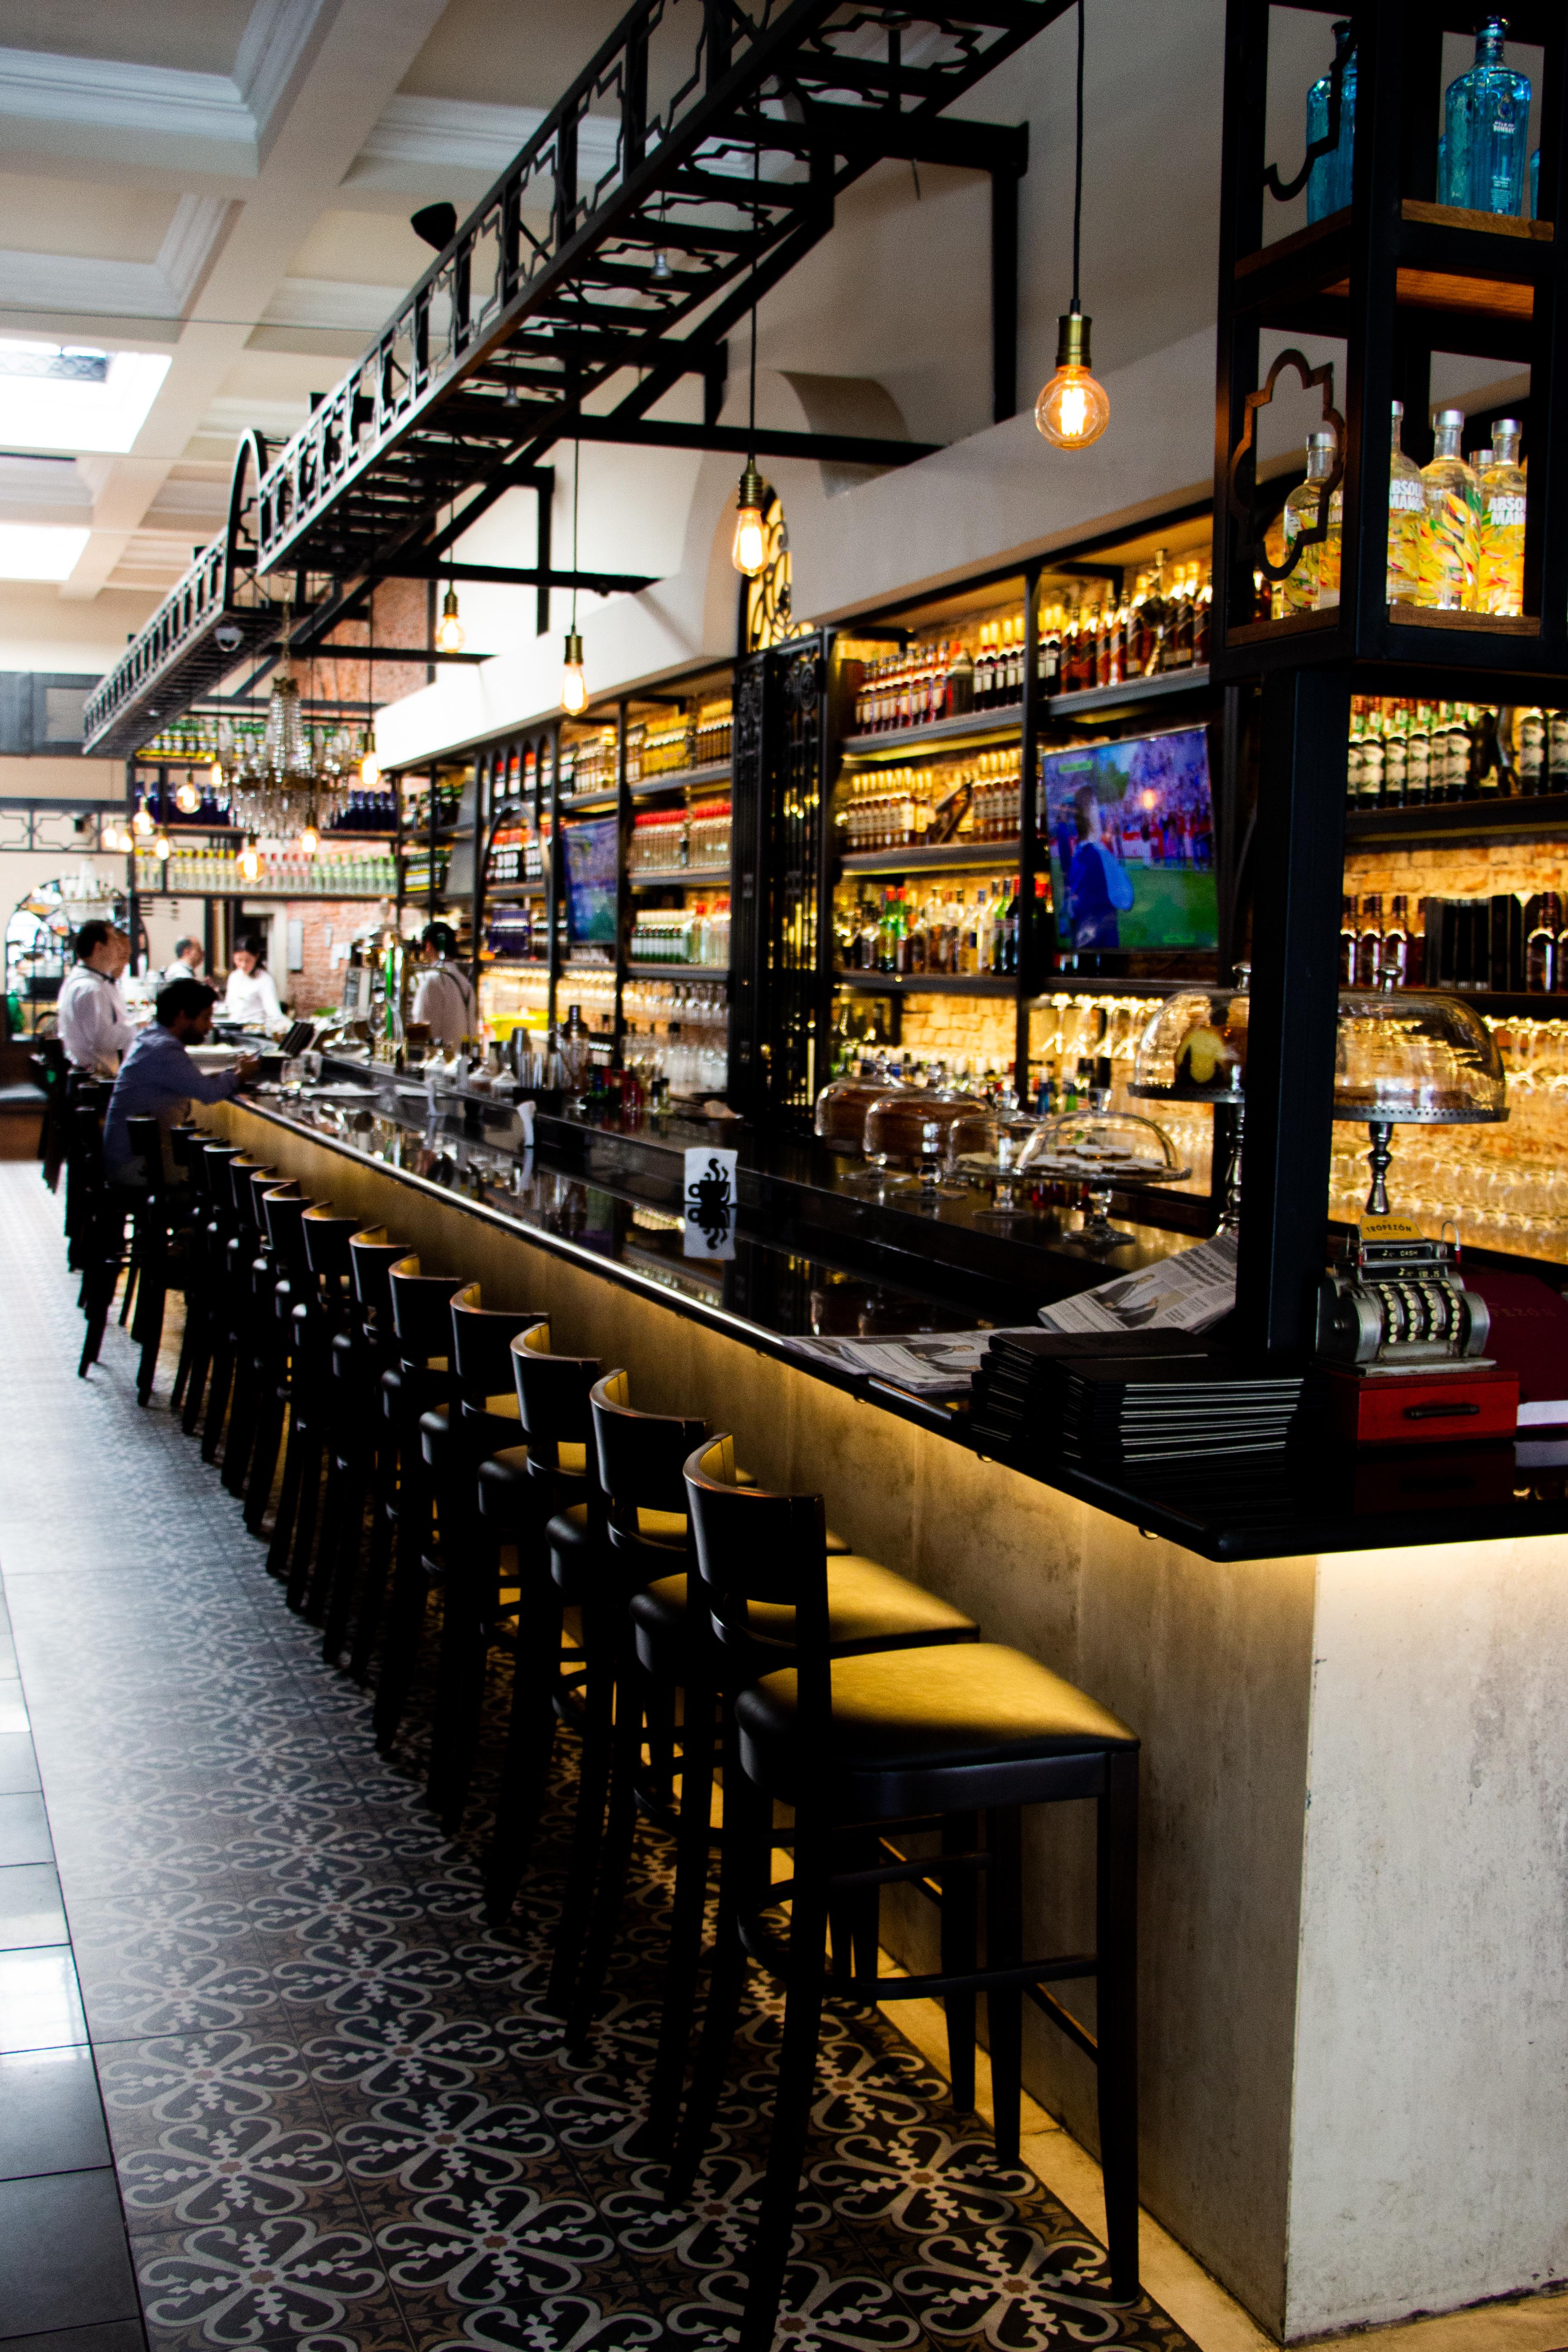 """""""No vayas a lecherías a pillar café con leche. Morfate tus pucheretes en el viejo Tropezón. Y si andás sin medio encima, cantale ¡Fiao! a algún mozo. En una forma muy digna pa' evitarte un papelón"""", cantaba Carlos Gardel 90 años atrás sobre su restaurante preferido: El Tropezón"""